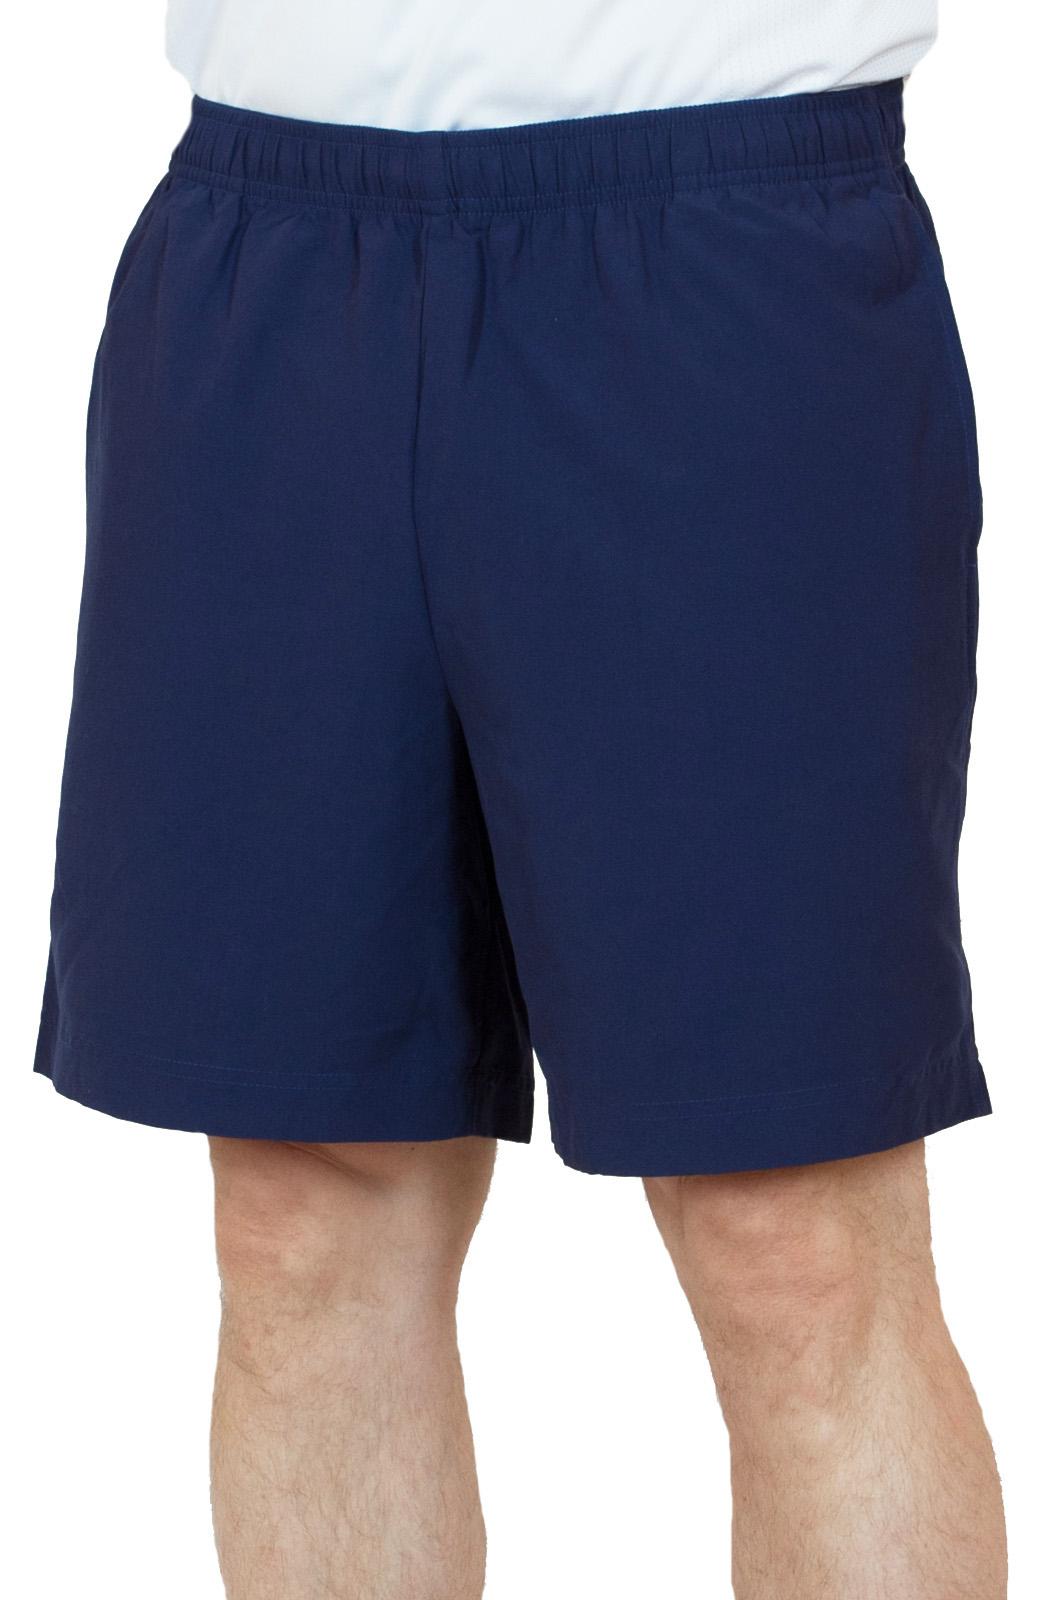 Синие спортивные мужские шорты - вид спереди